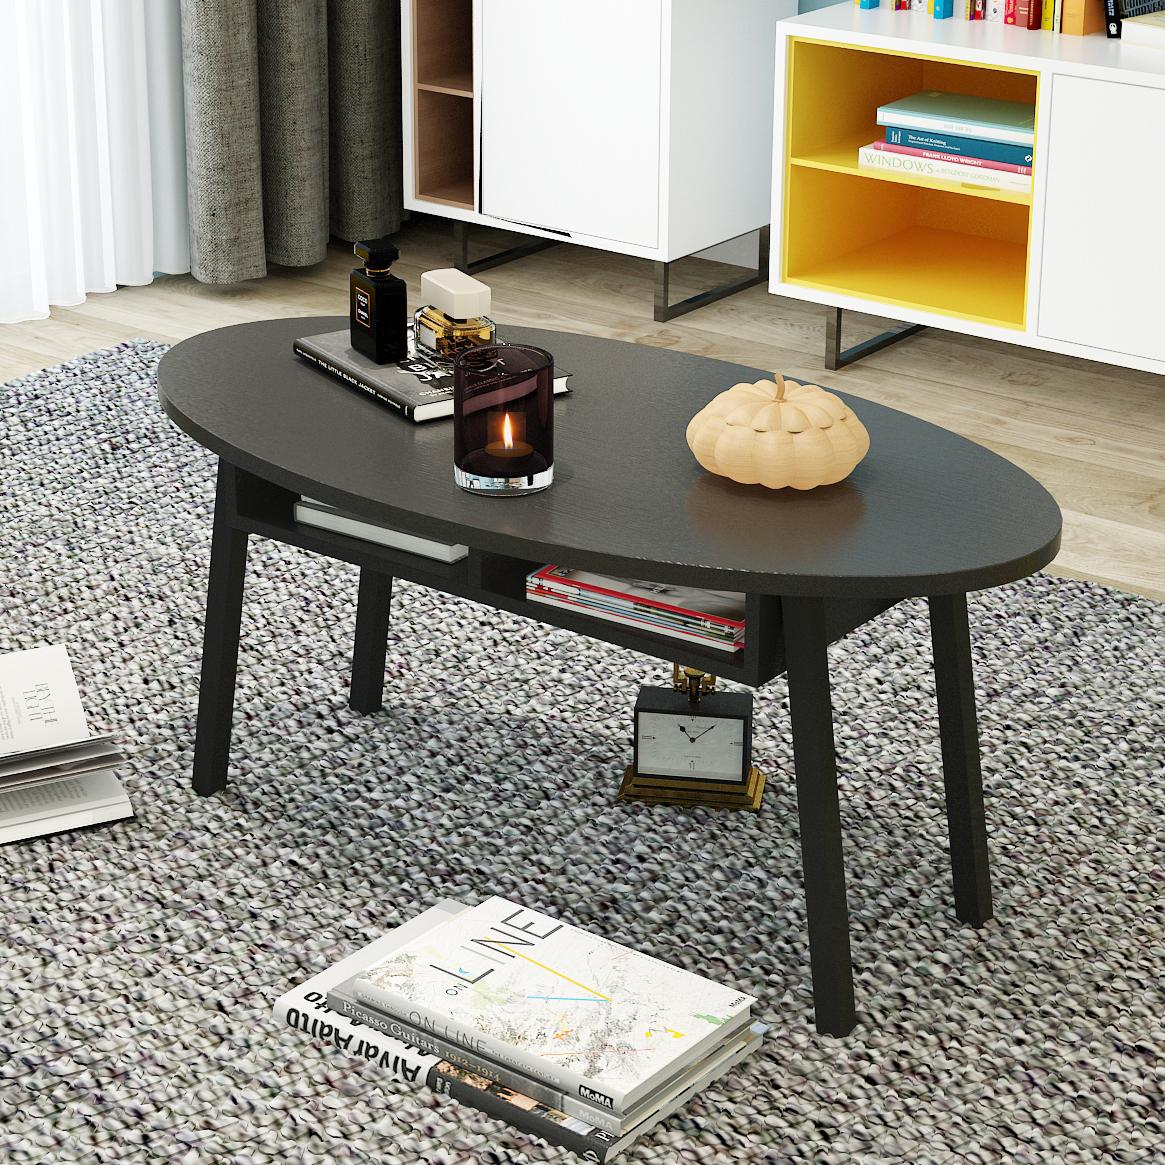 【 каждый день специальное предложение 】 творческий небольшой квартира кофейный столик простой современный легко небольшой стол гостиная овальный кофе стол